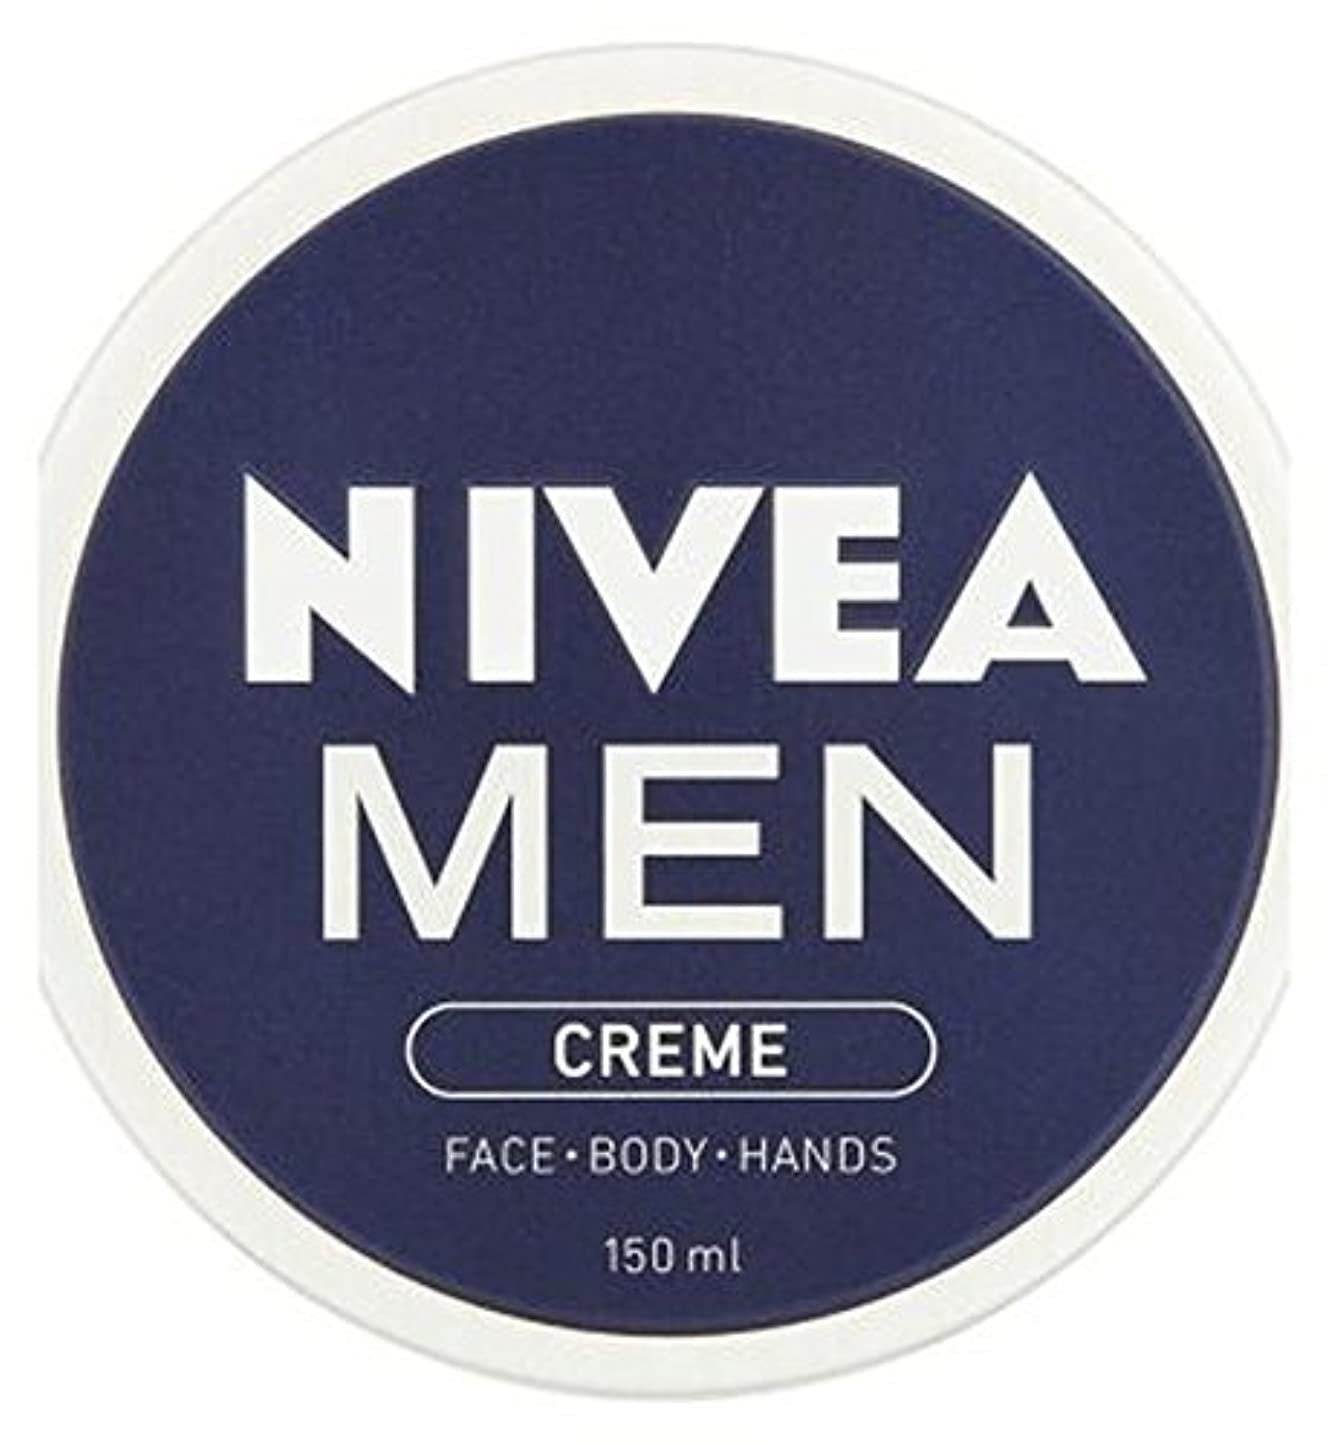 地味な睡眠敬の念NIVEA MEN Creme 150ml - ニベアの男性が150ミリリットルクリーム (Nivea) [並行輸入品]